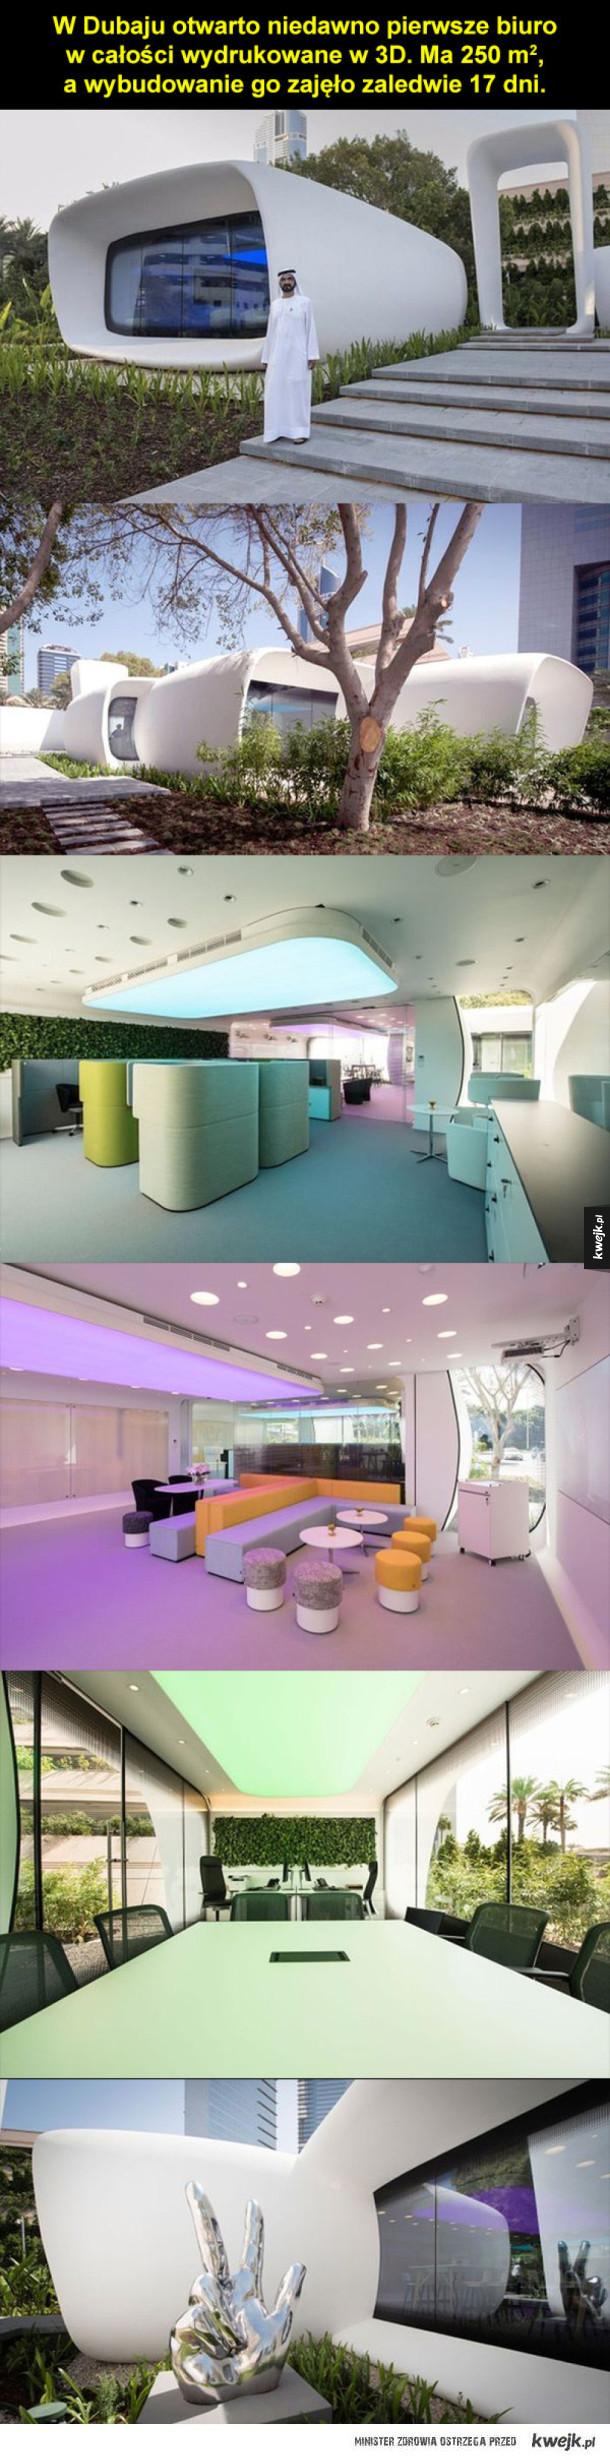 Biuro z drukarki 3D